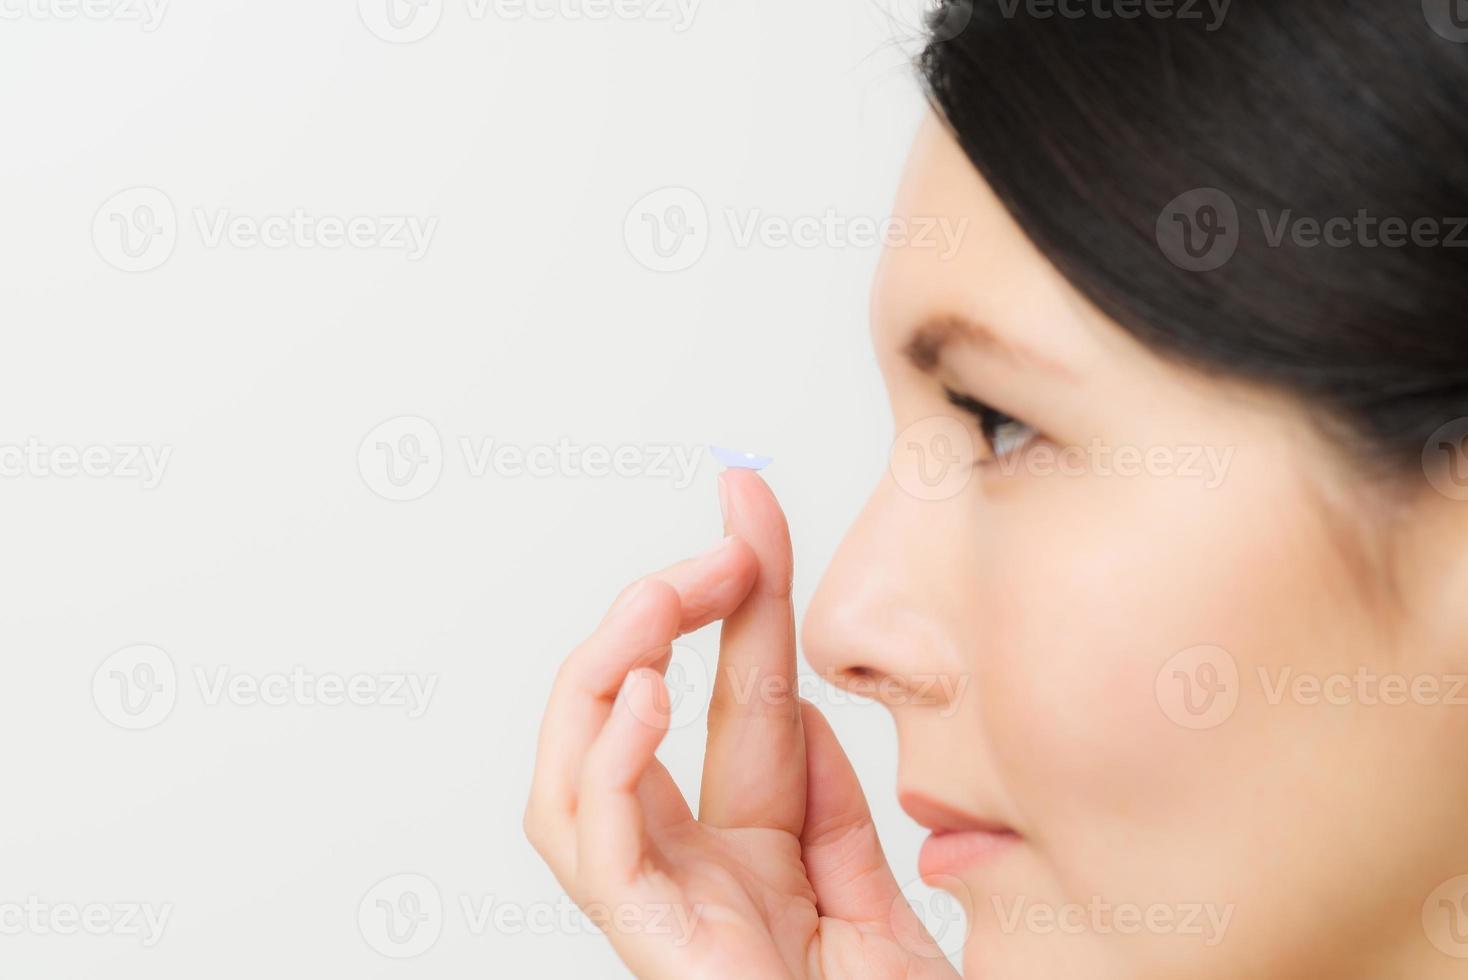 mujer a punto de colocar una lente de contacto en su ojo foto